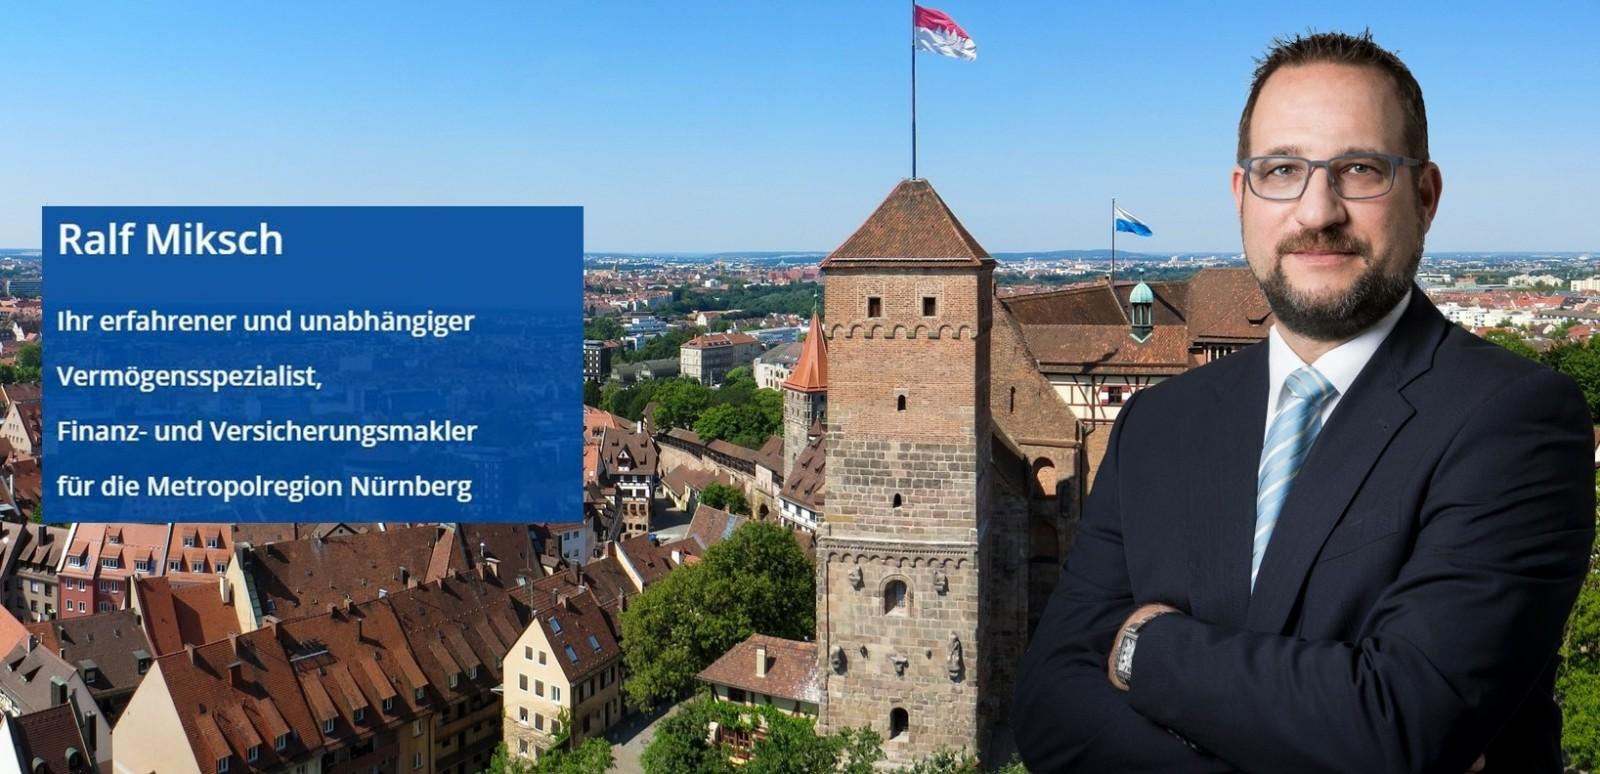 Ralf Miksch - Nürnberg Finanzen